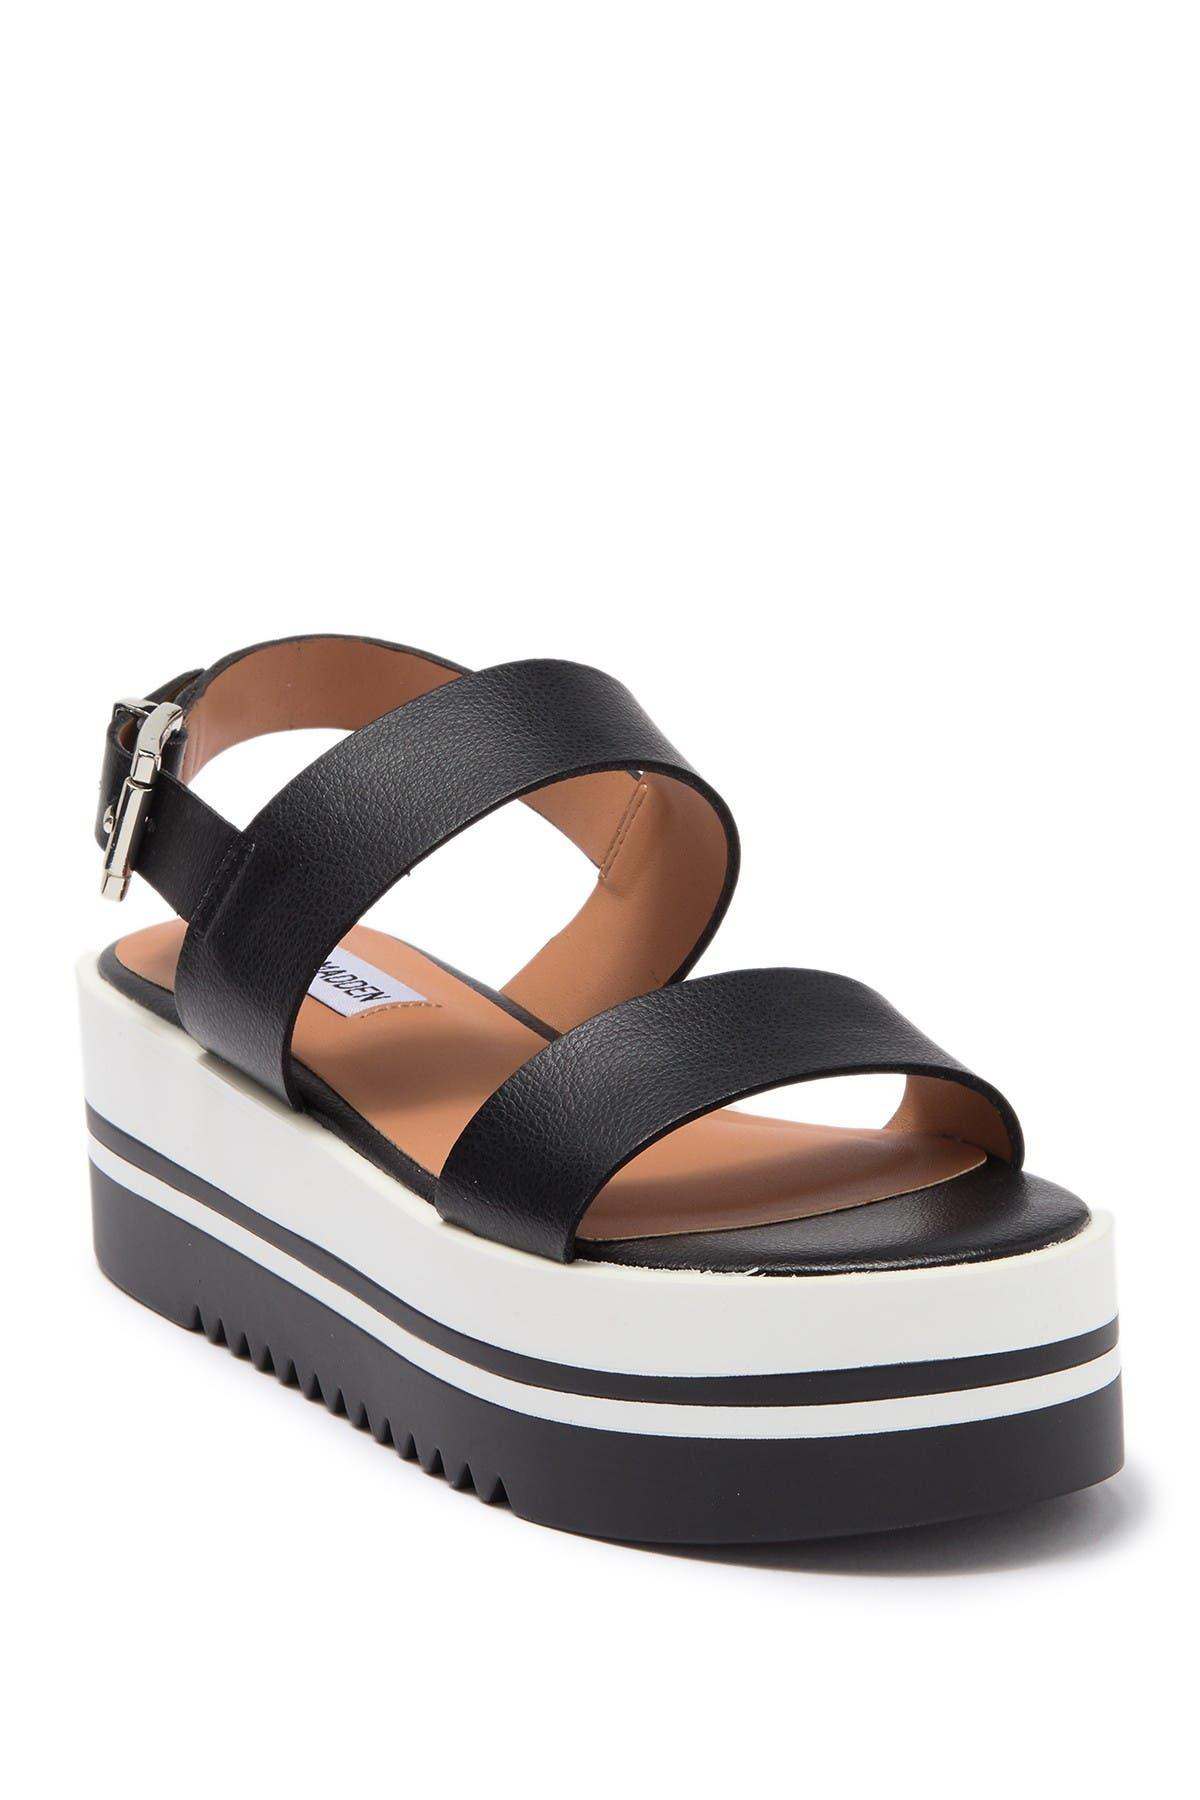 nordstrom platform sandals